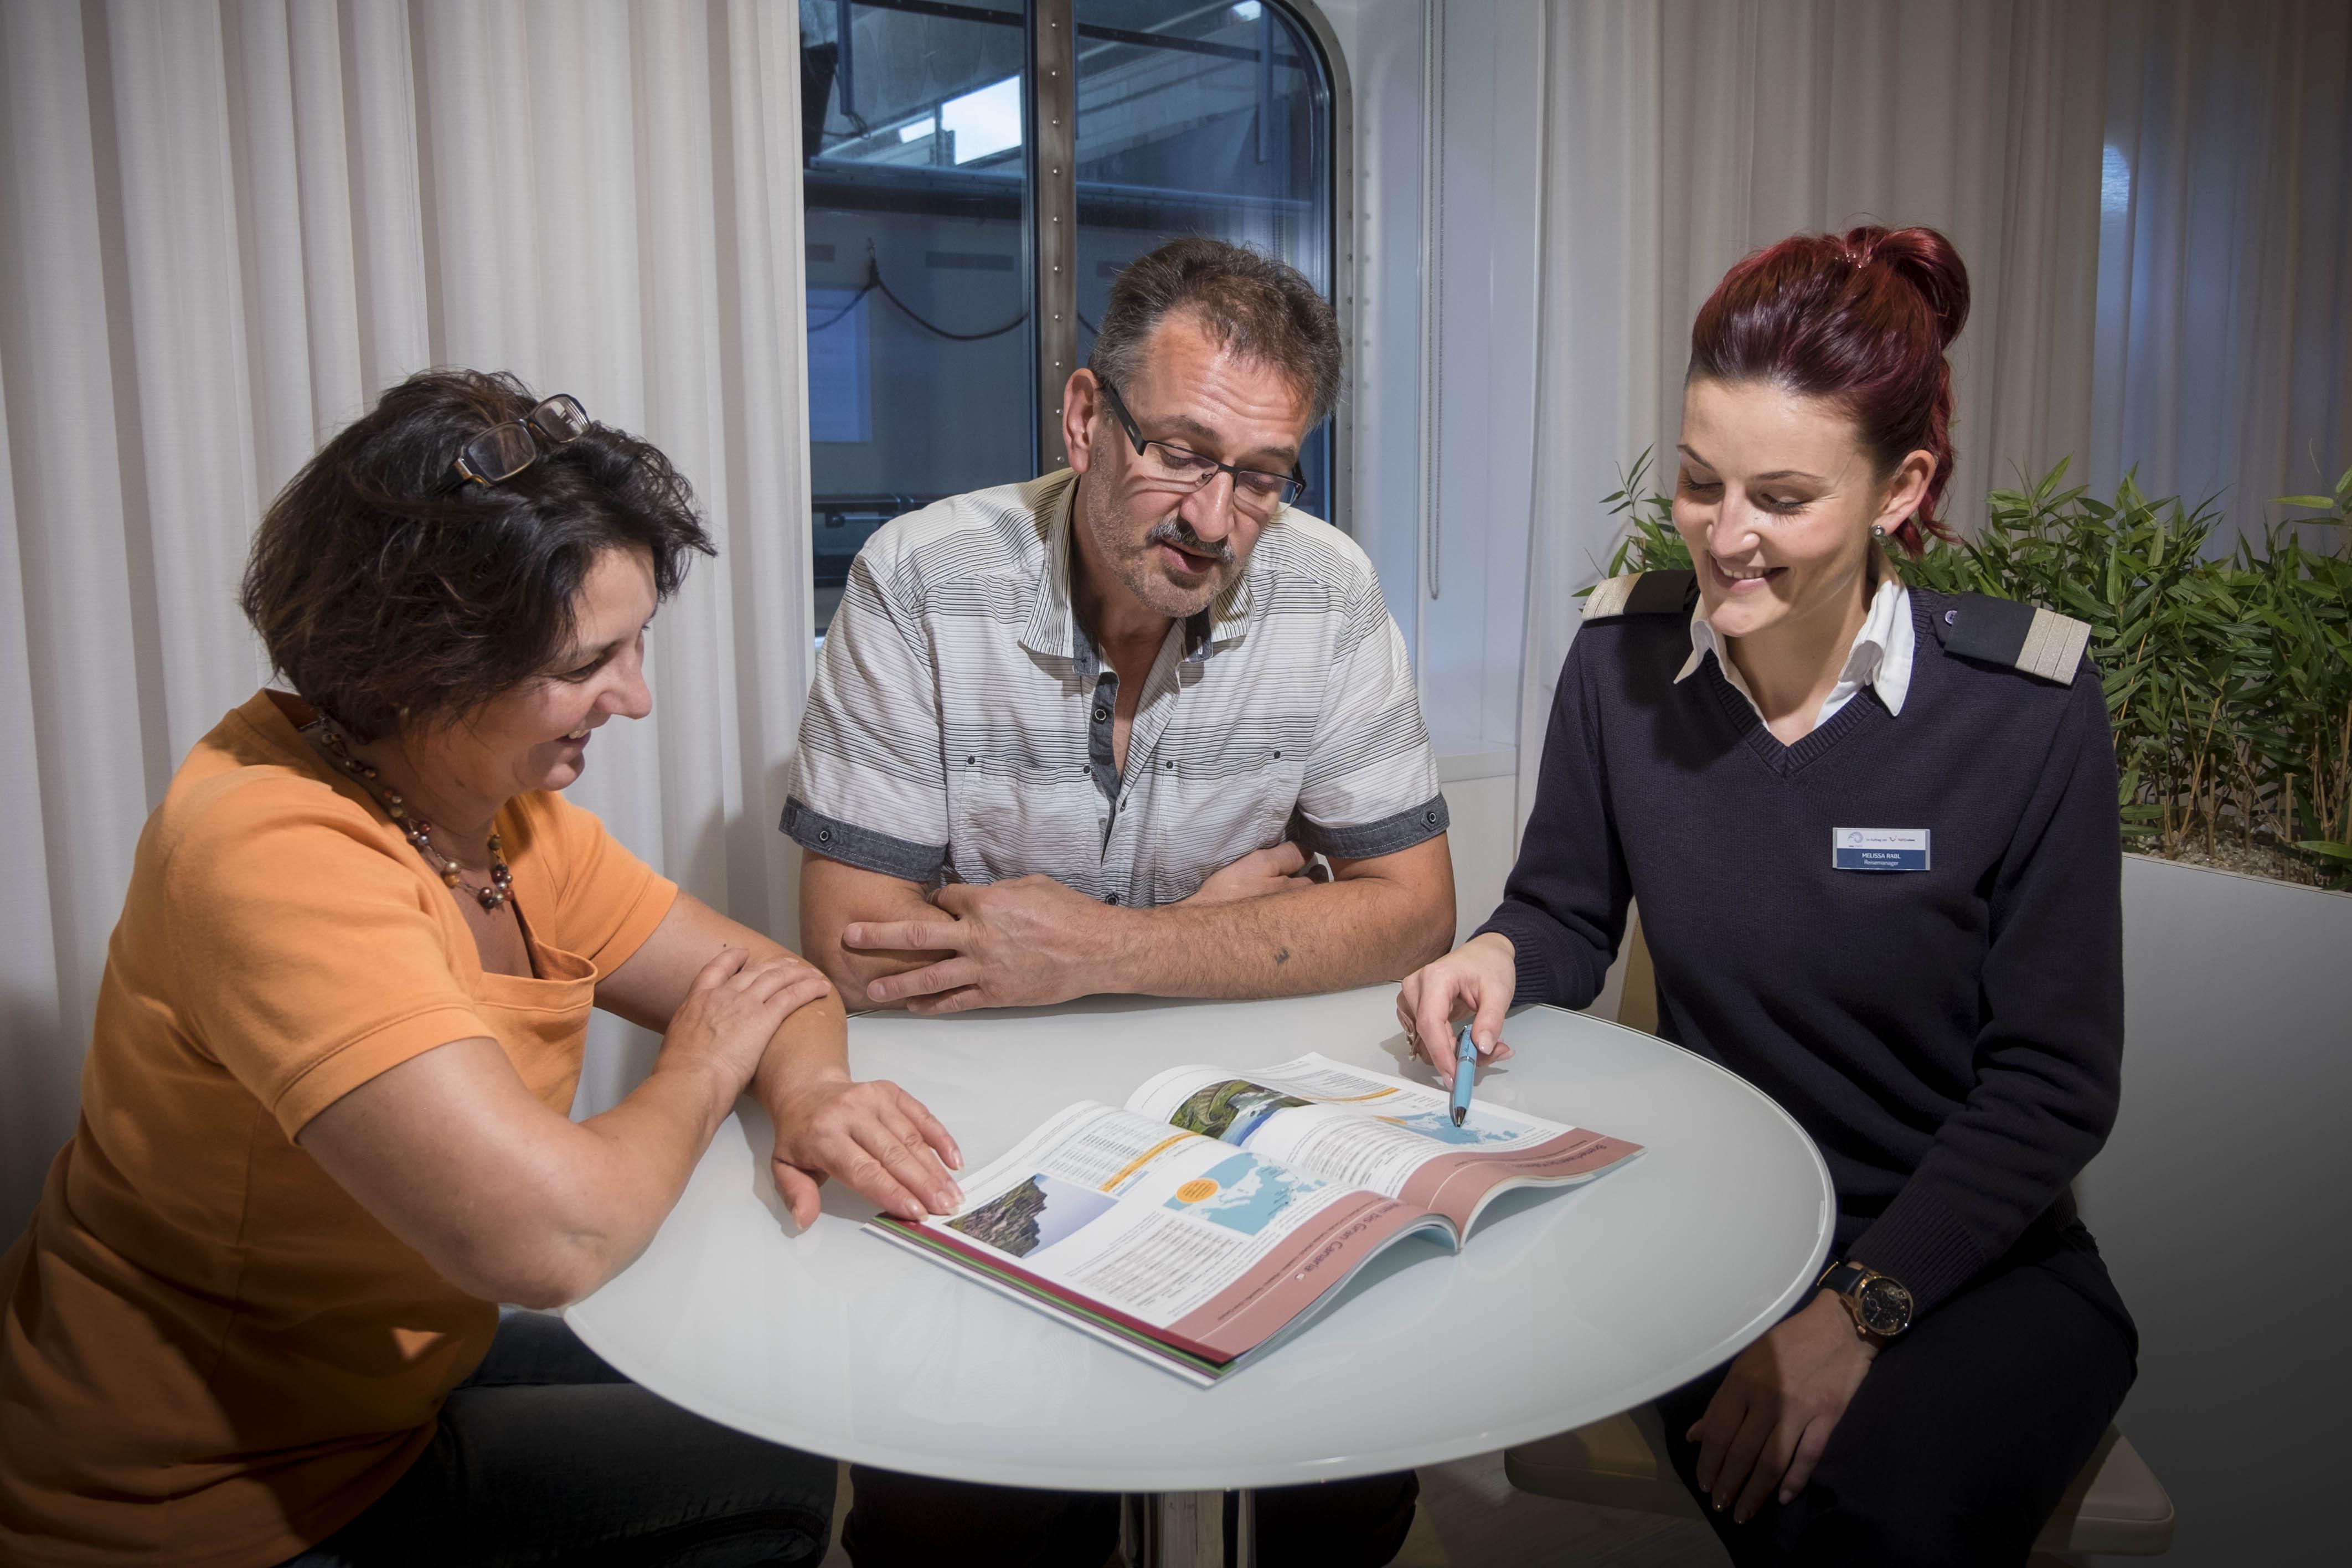 Mein Schiff Reisemanagerin Melissa Rabl im Gespräch mit Kunden